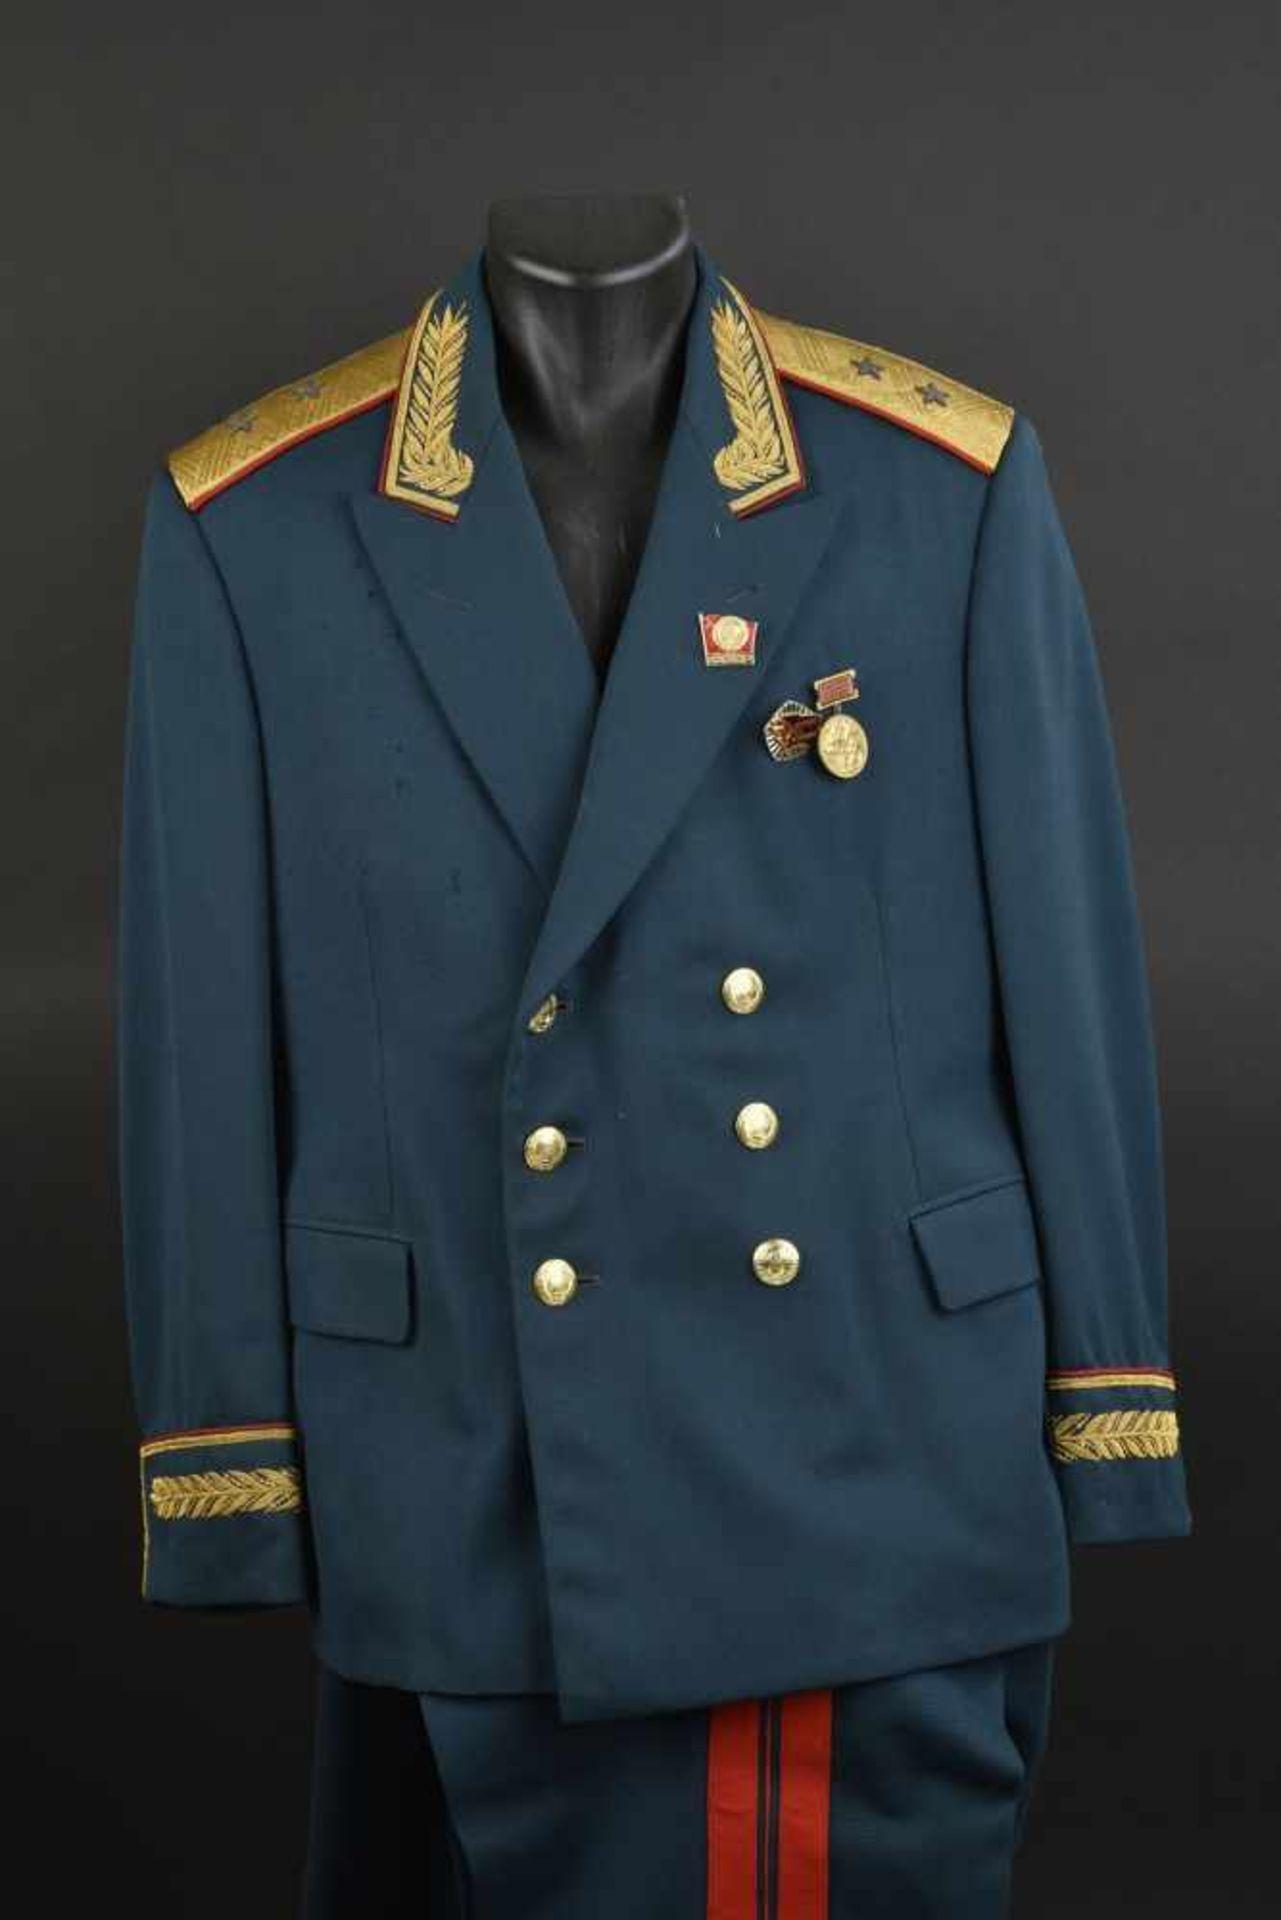 Los 51 - Uniforme de Lieutenant Général Soviétique de 1967. En tissu vert foncé, grade de Lieutenant Général,